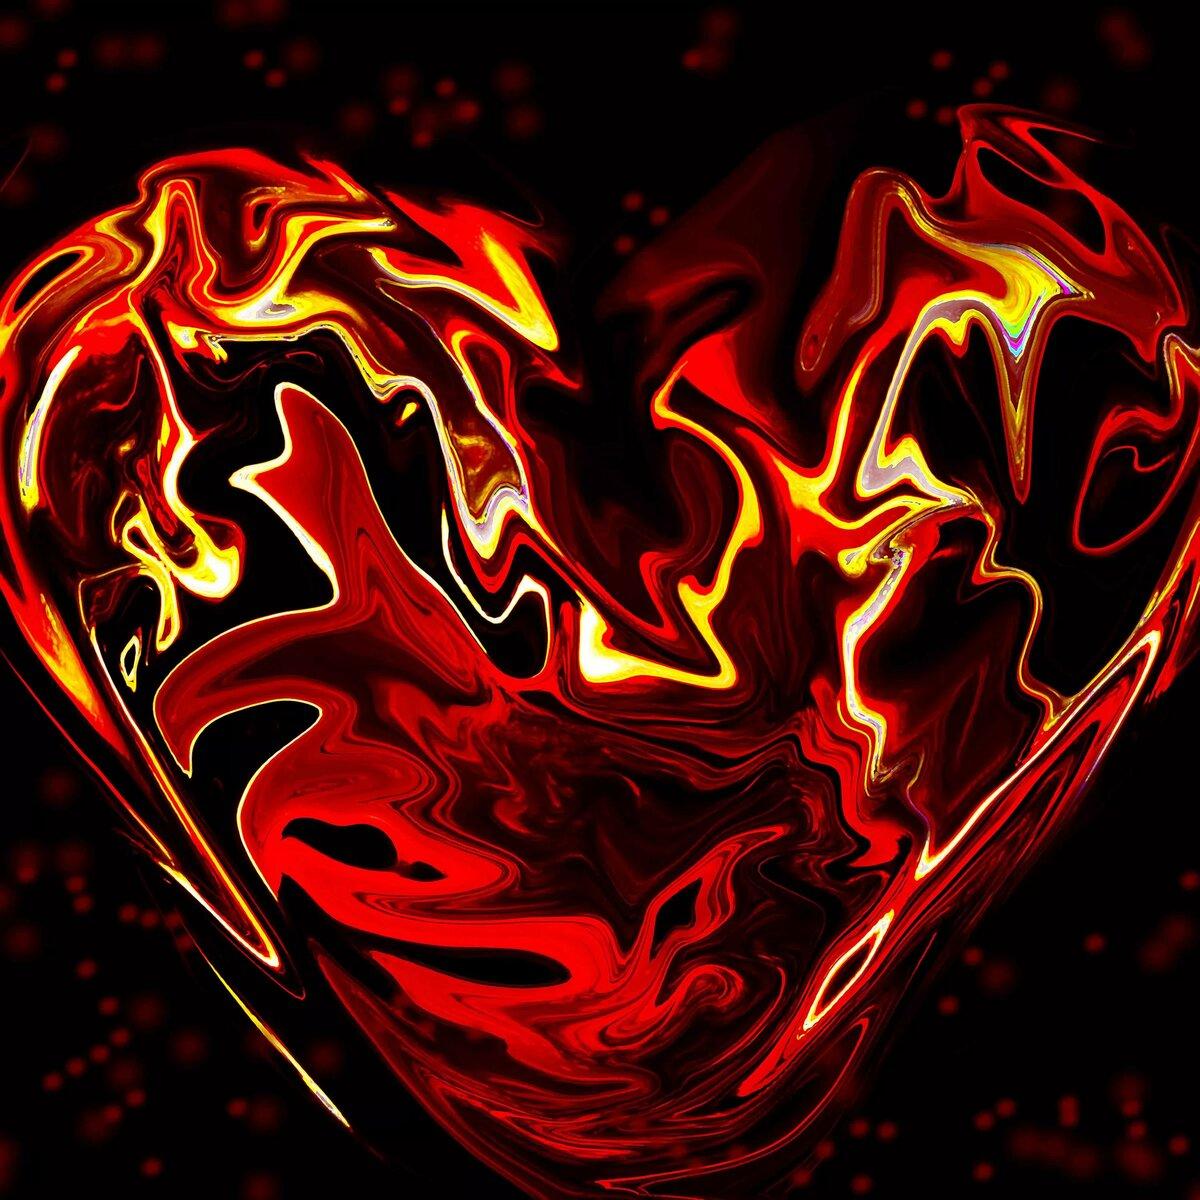 день пламя и сердце картинки своего